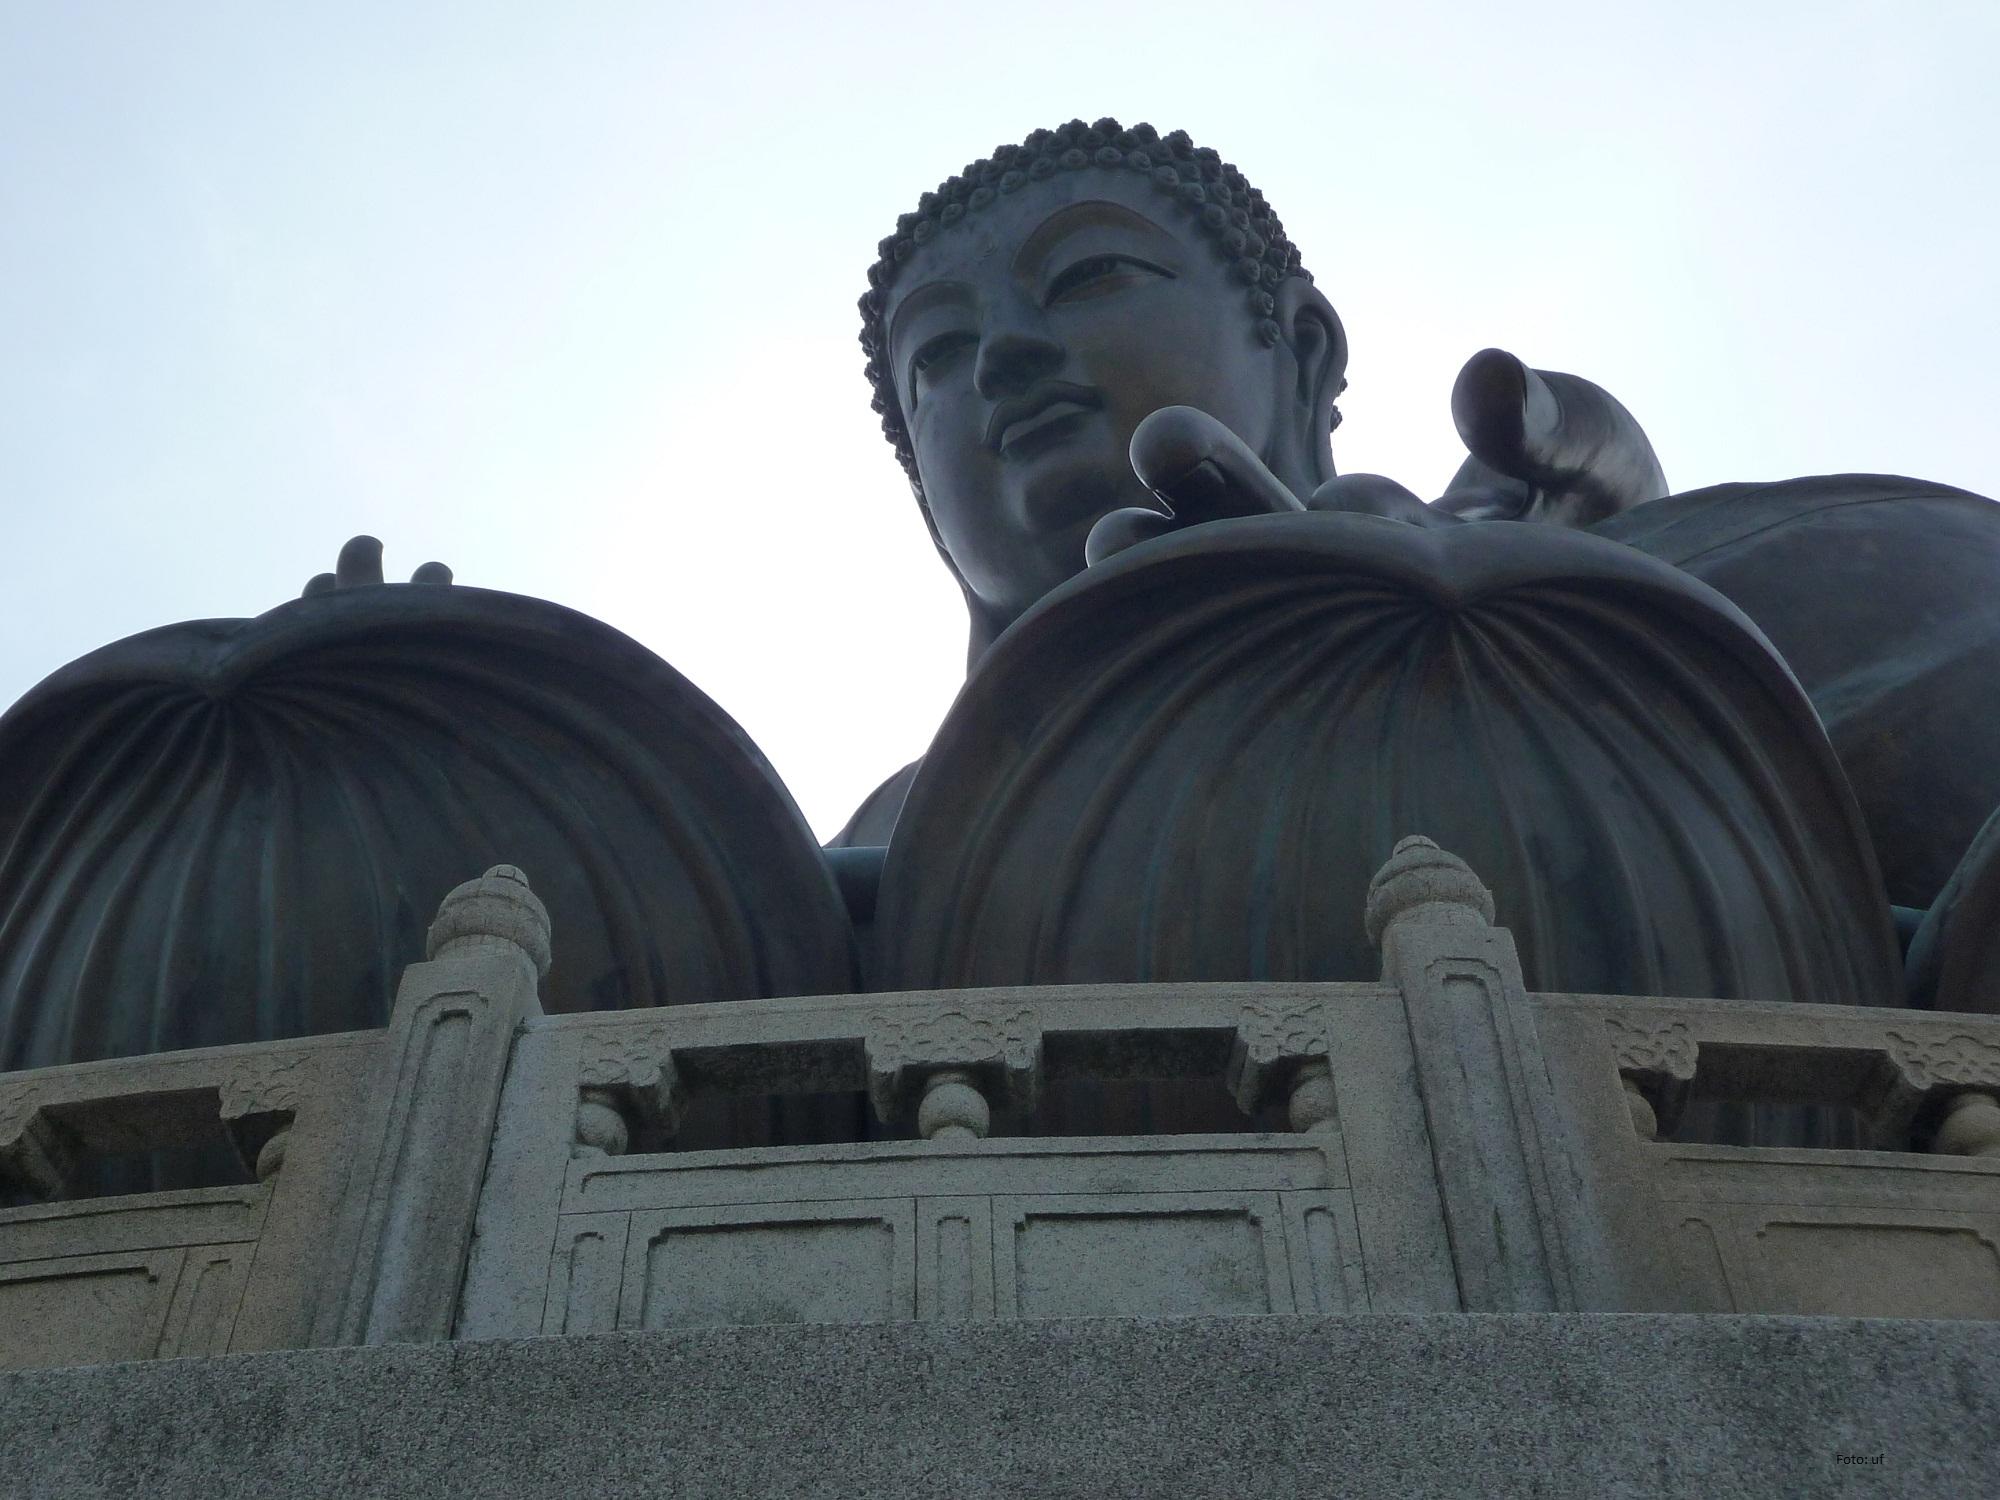 Die Buddha-Statue die von den Mönchen des Klosters gegenüber sehr verehrt wird